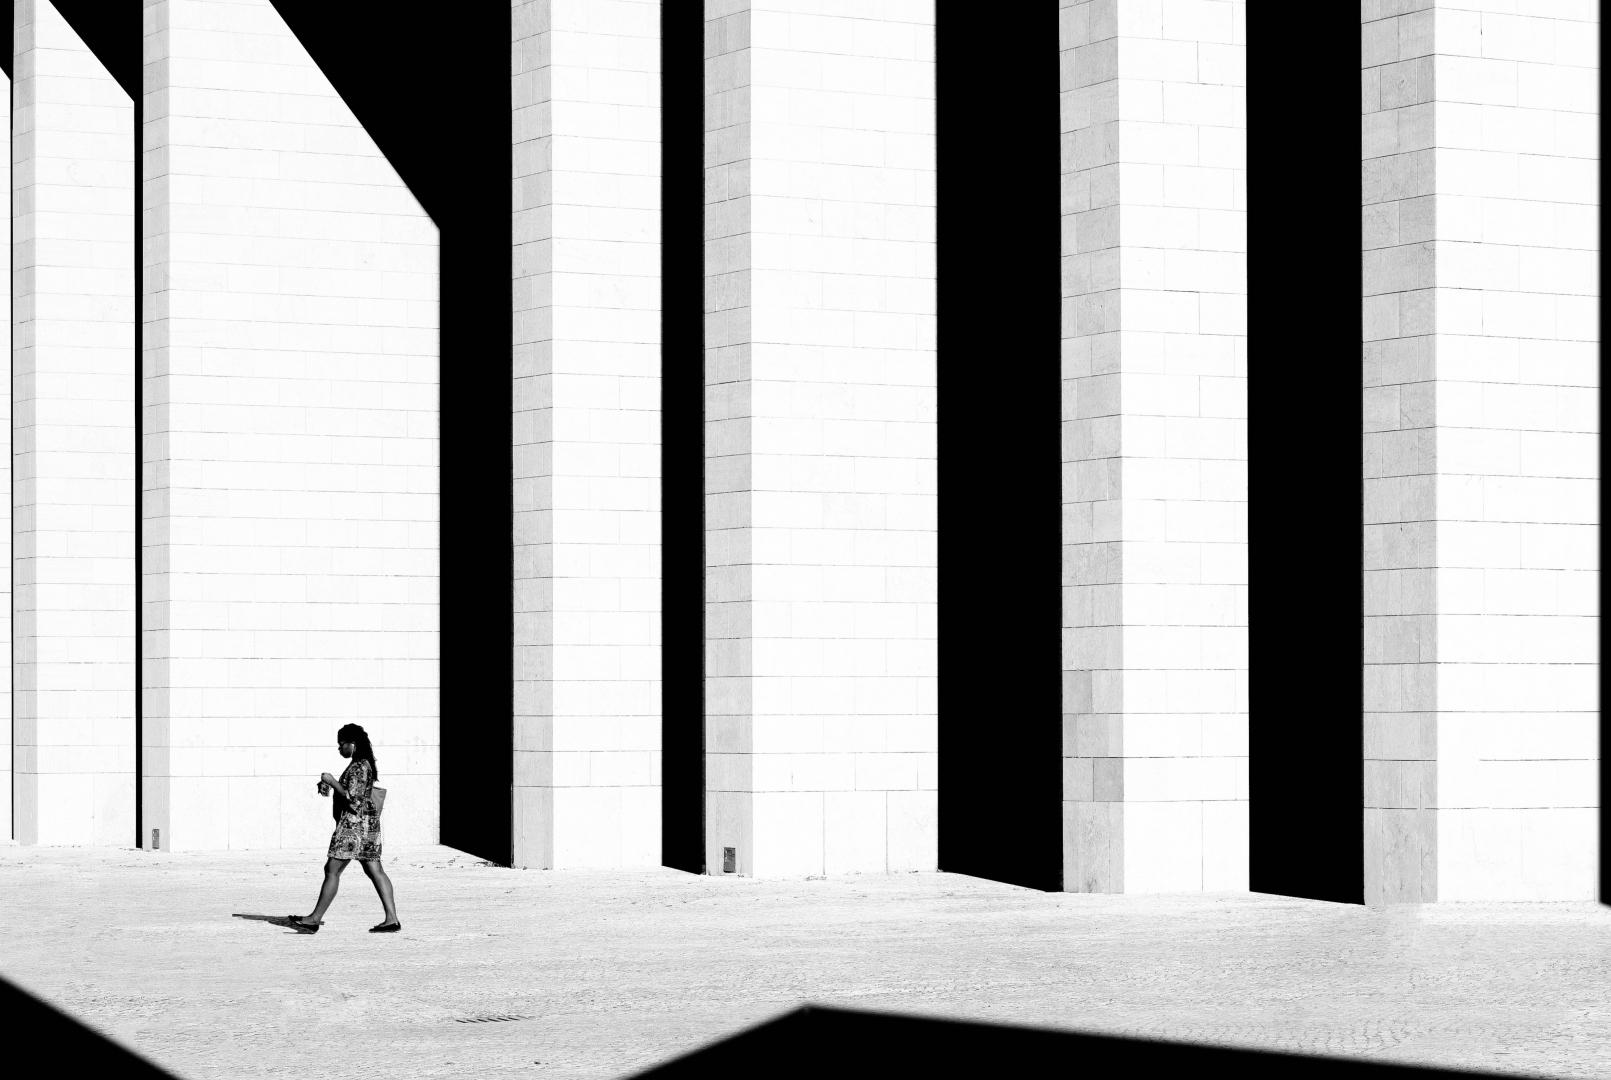 Fotografia de Rua/otherness